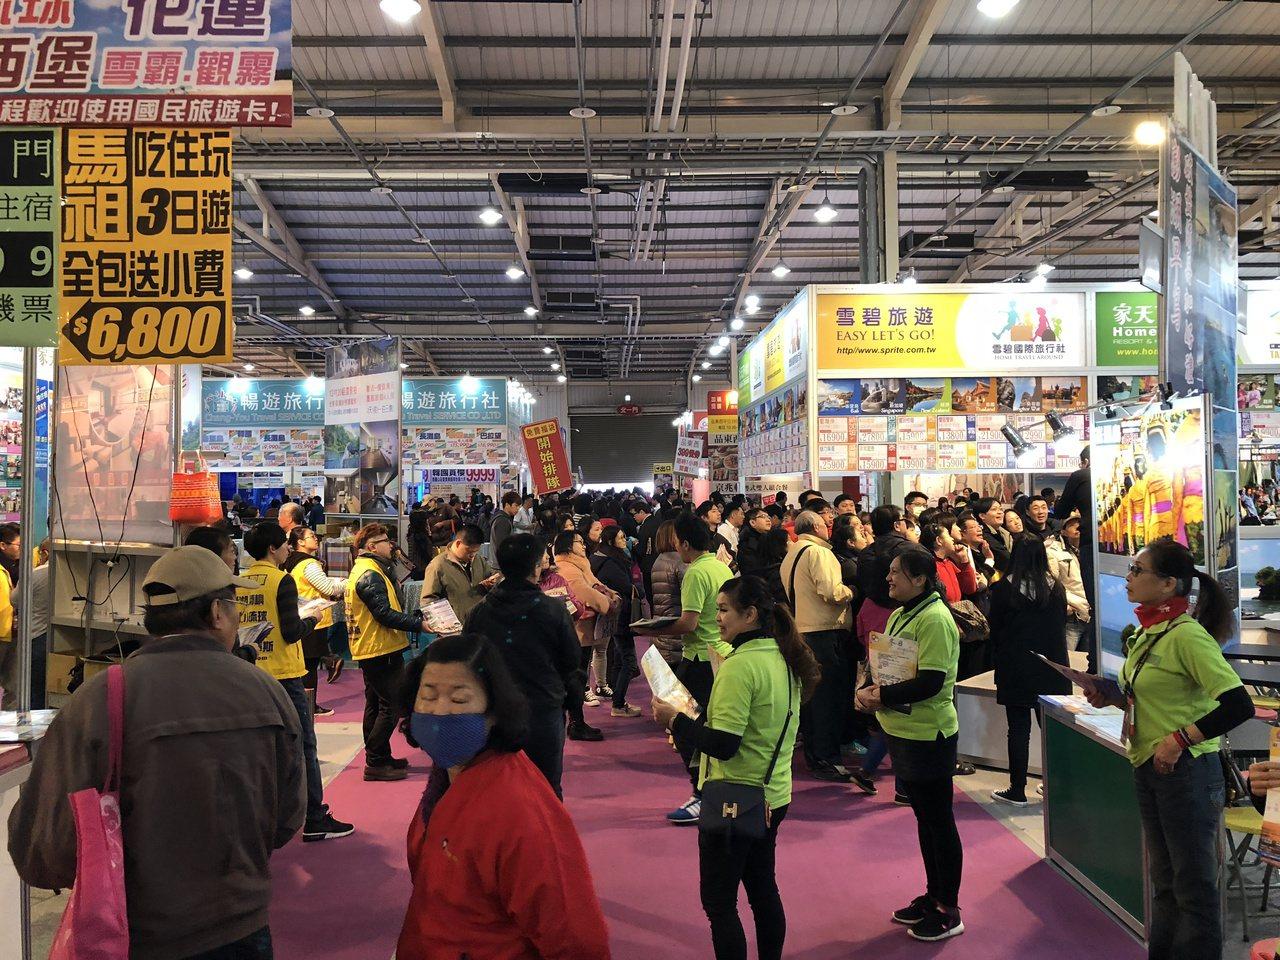 「2018台中國際旅展」開展首日即吸引大批人潮進場搶便宜,把會場擠得水泄不通。記...